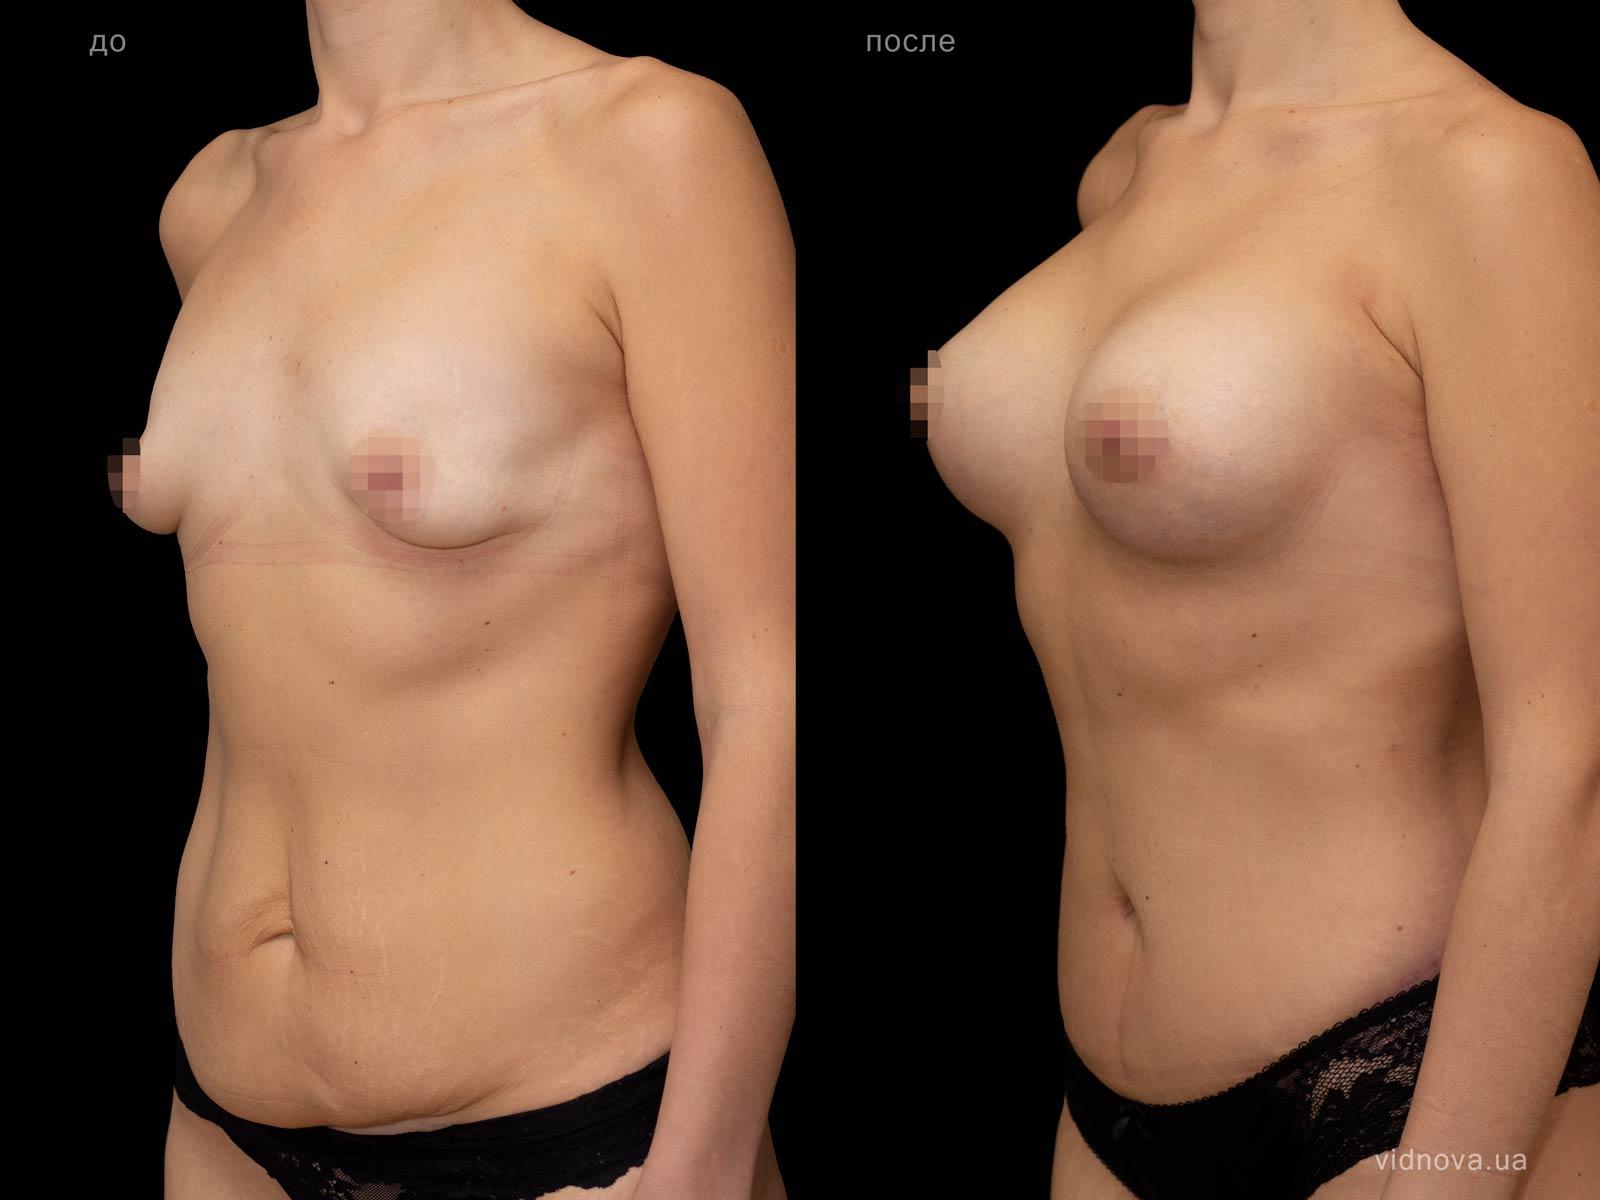 Пластика груди: результаты до и после - Пример №97-2 - Светлана Работенко